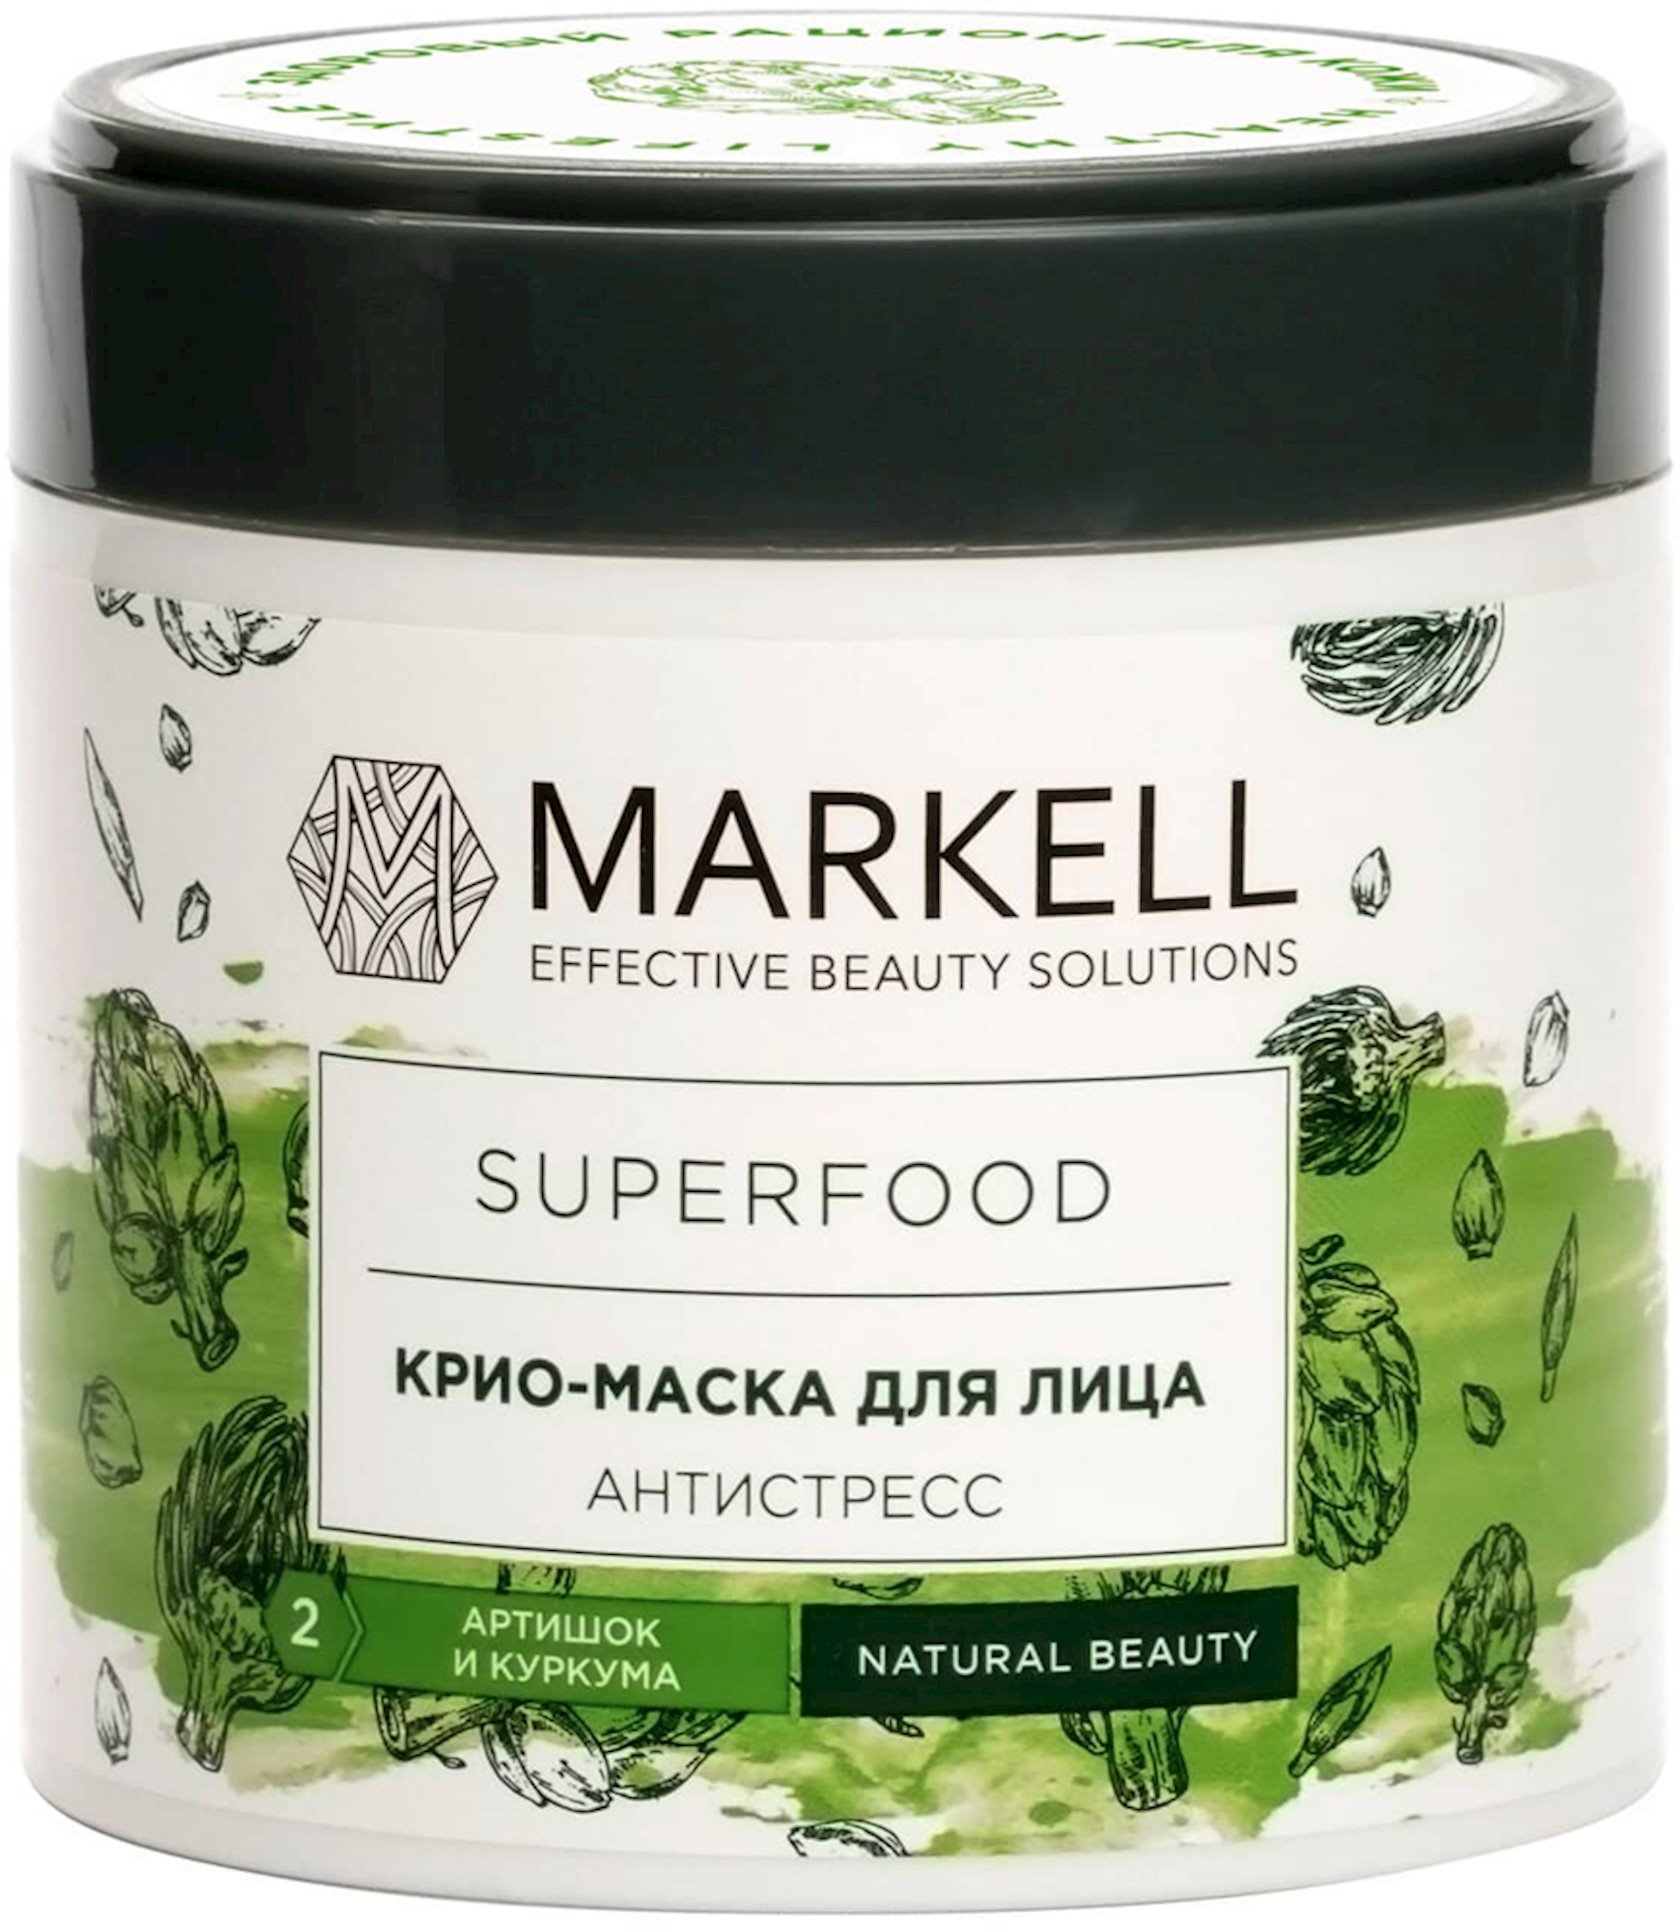 Üz üçün krio-maska antistress Markell SuperFood Artişok və Sarıkök 100 ml